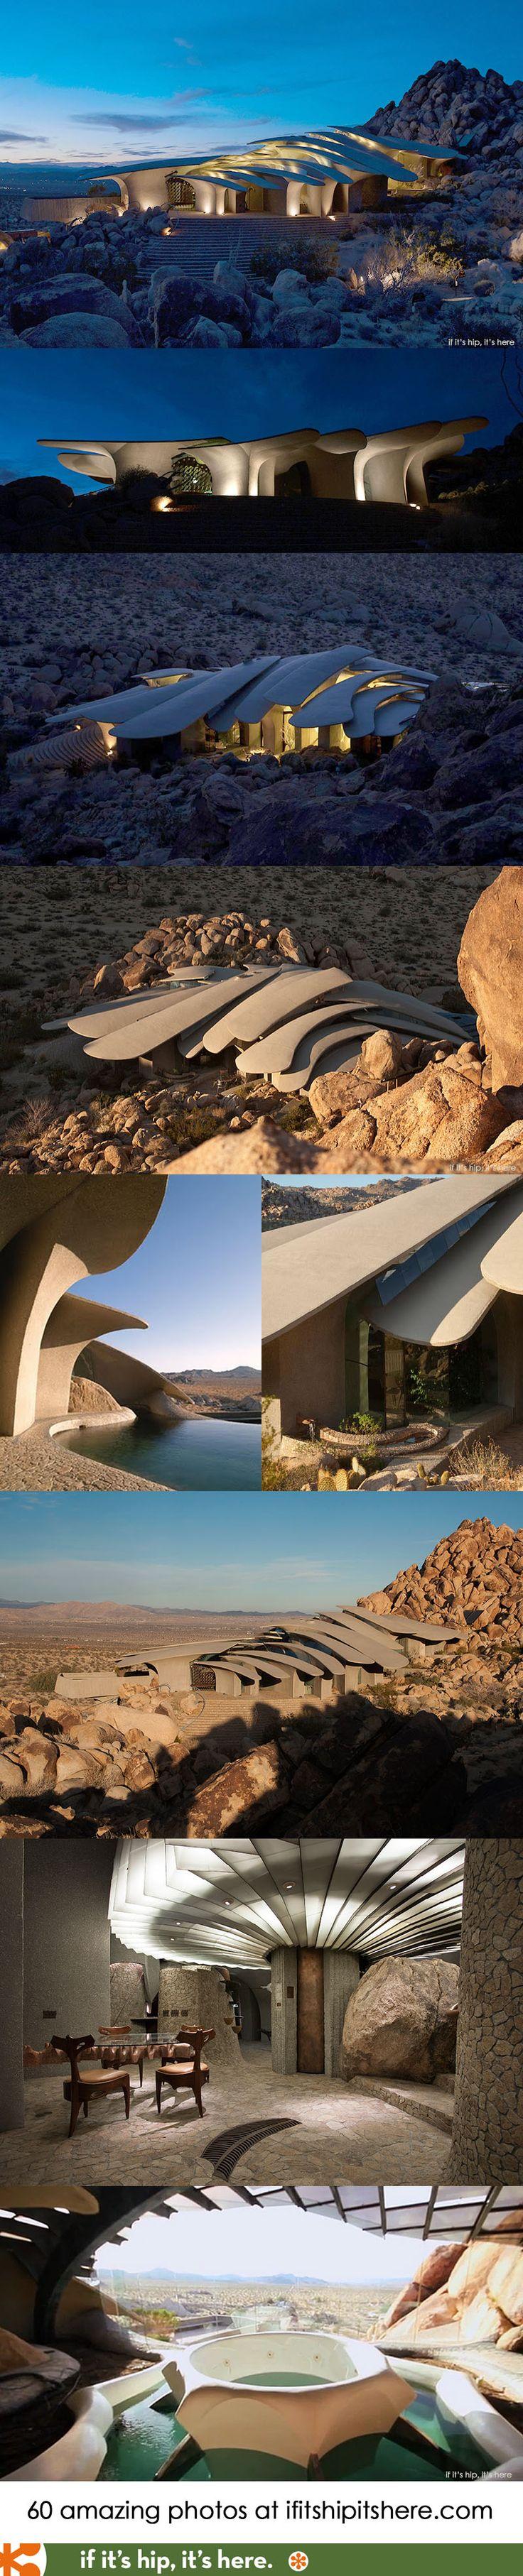 The Joshua Tree Desert House Goes on The Market for $3 Million.